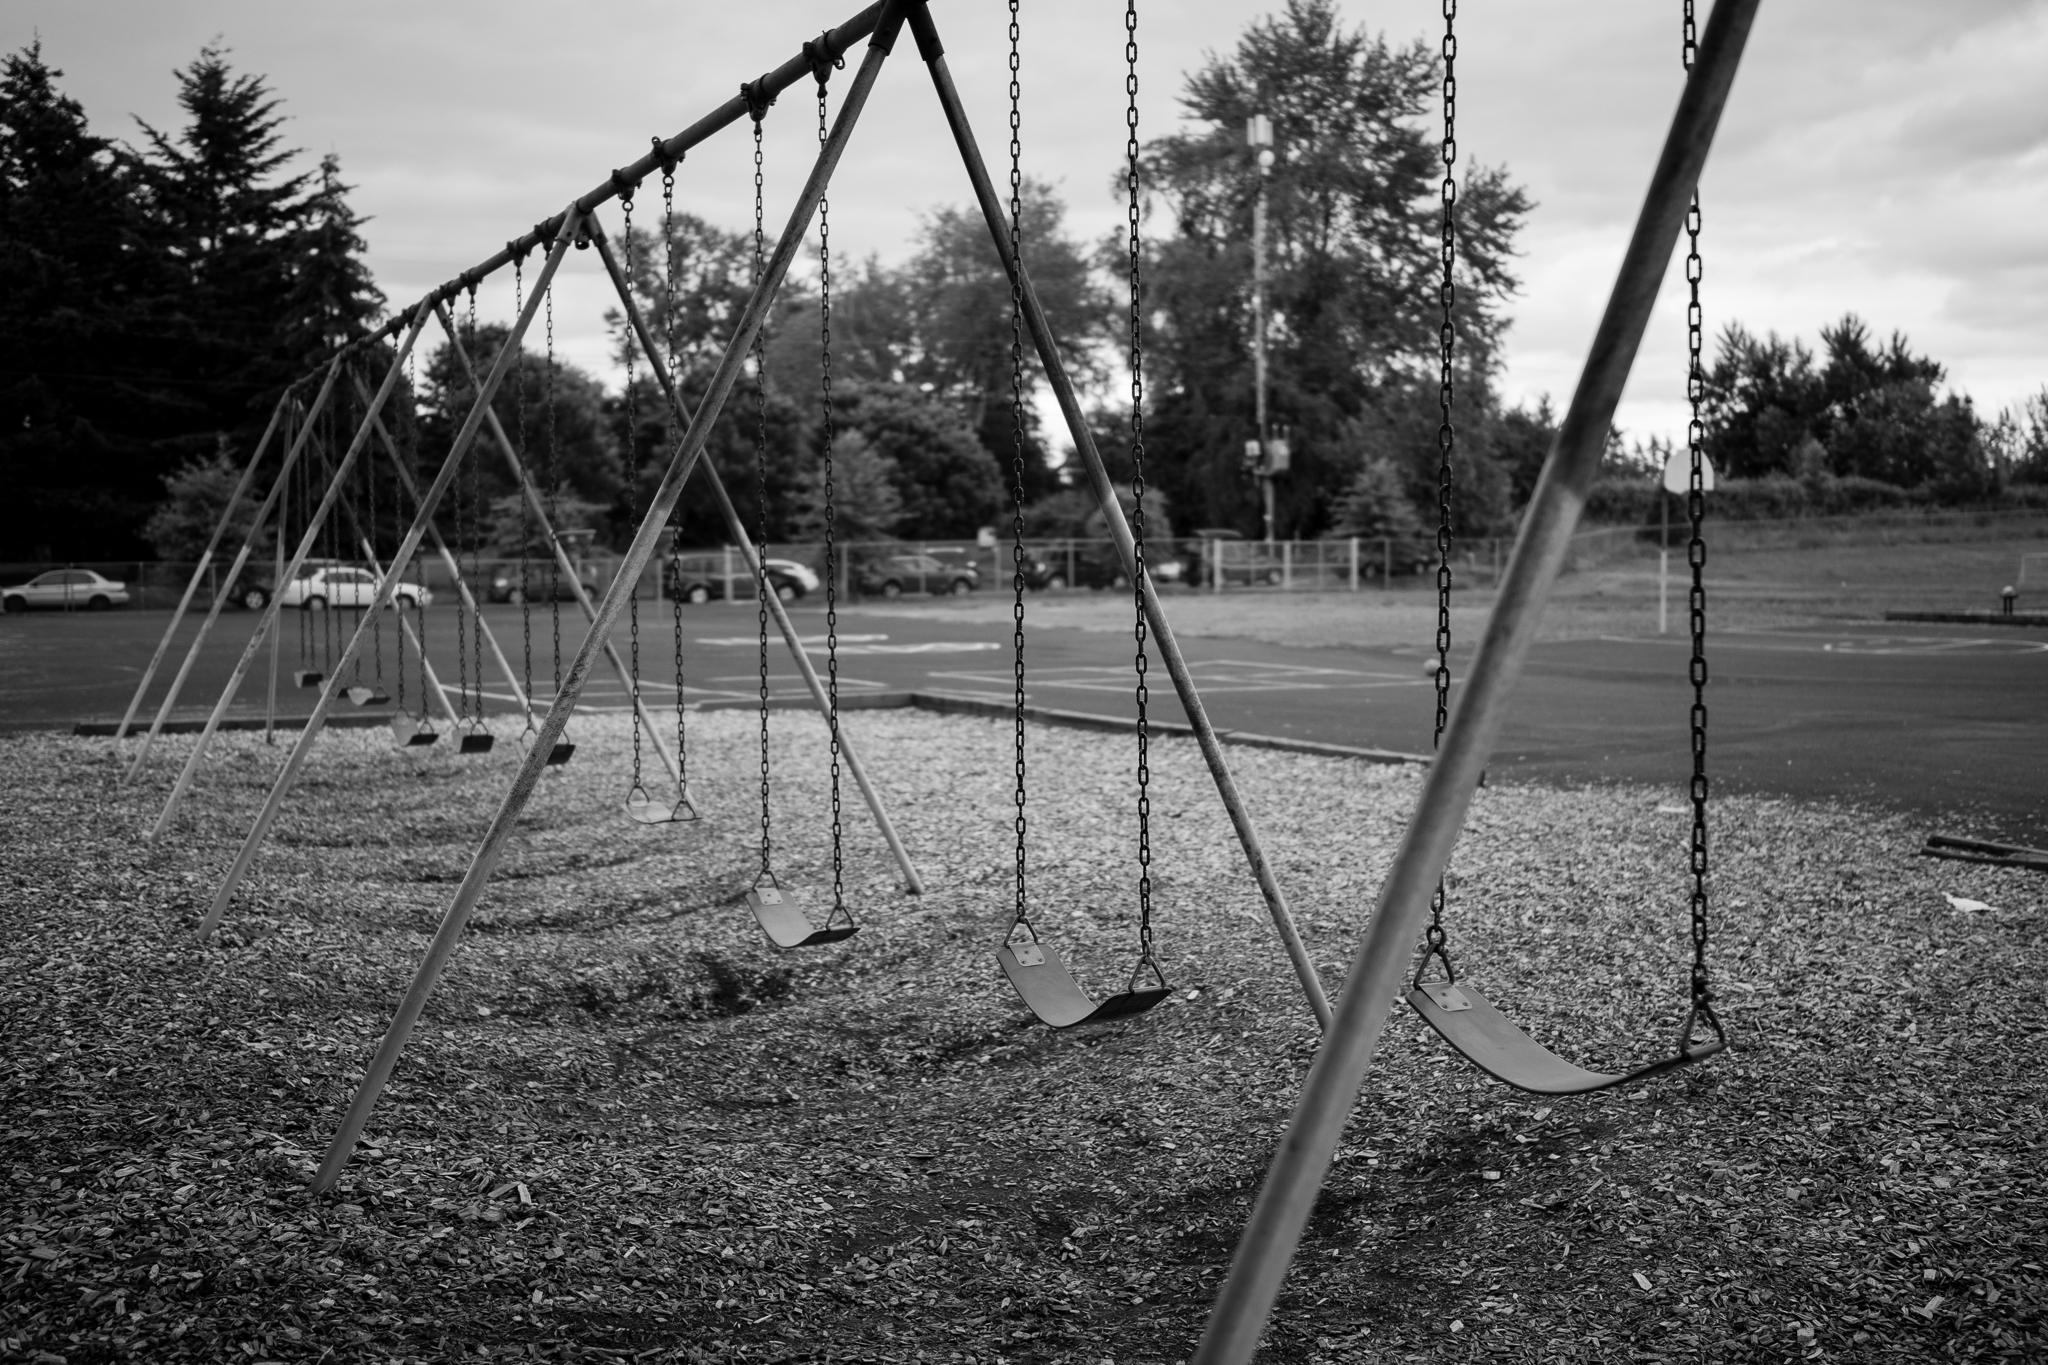 Swings, Abandoned